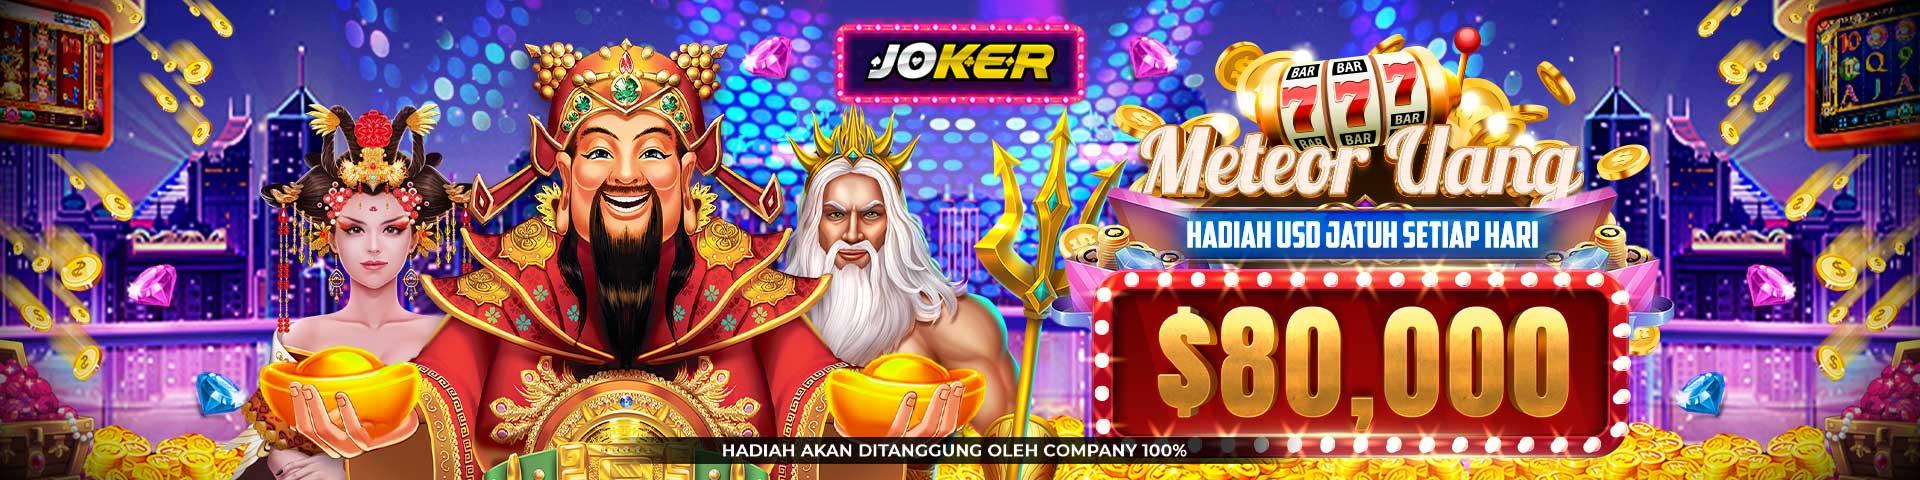 Judi Slot Online Joker123 memberikan Bonus Jackpot harian hingga ratusan juta rupiah setiap harinya